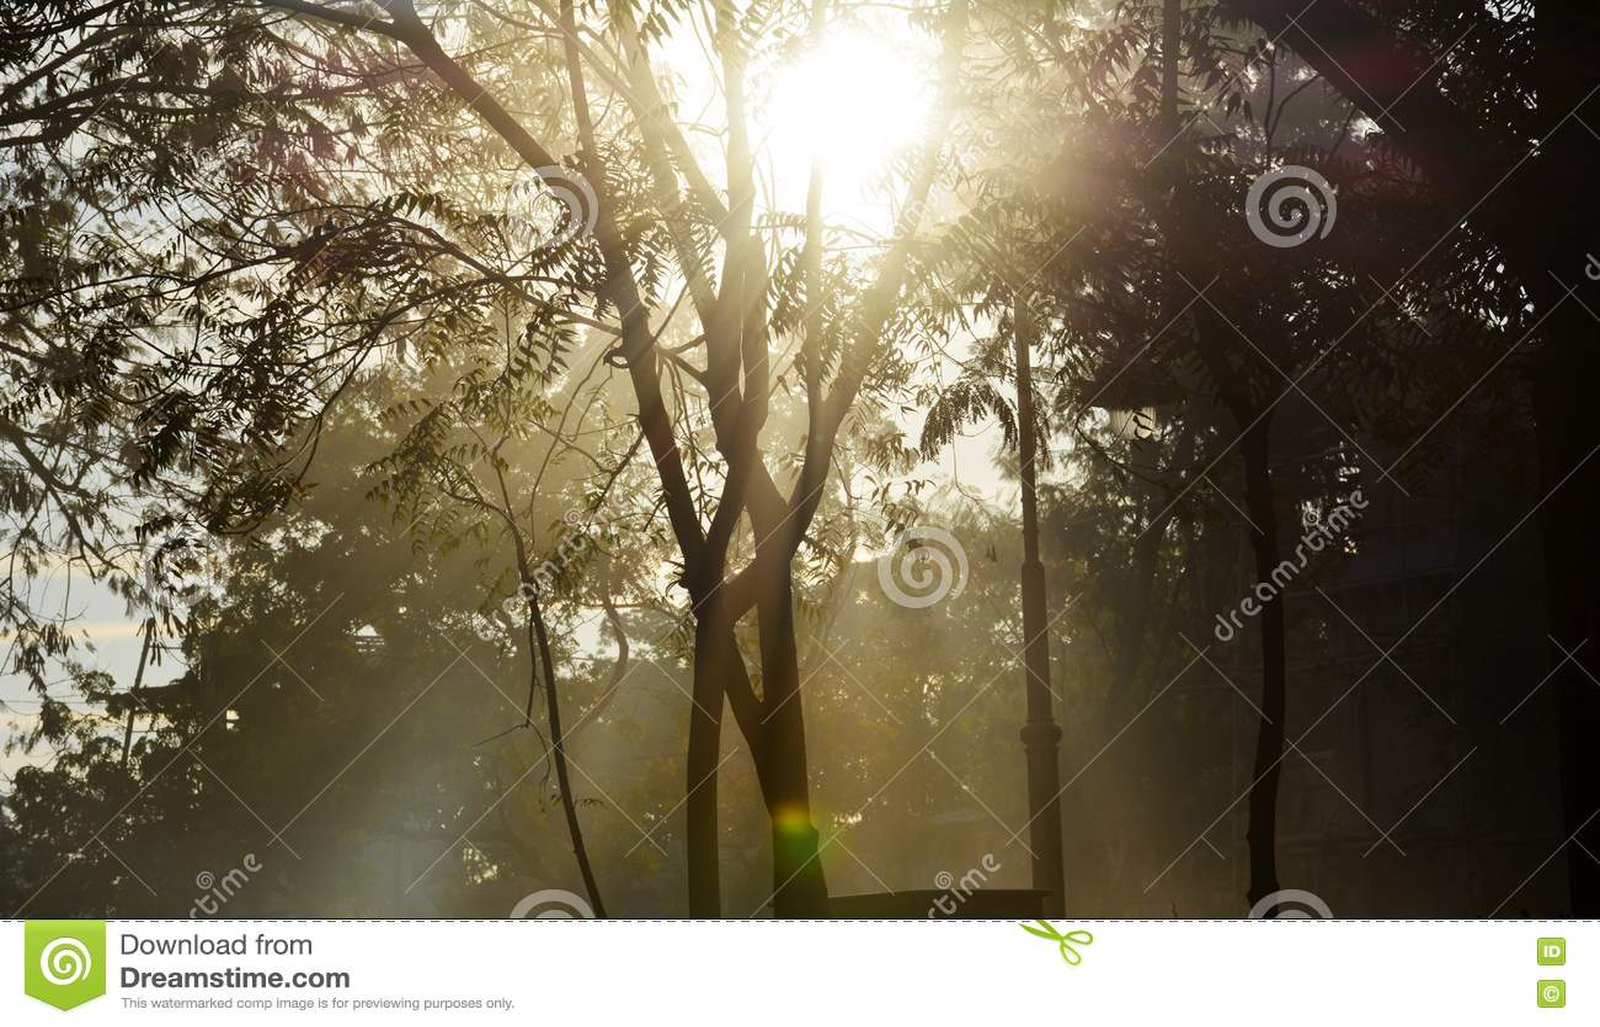 Ακτίνες ήλιων που φιλτράρουν μέσω των δέντρων